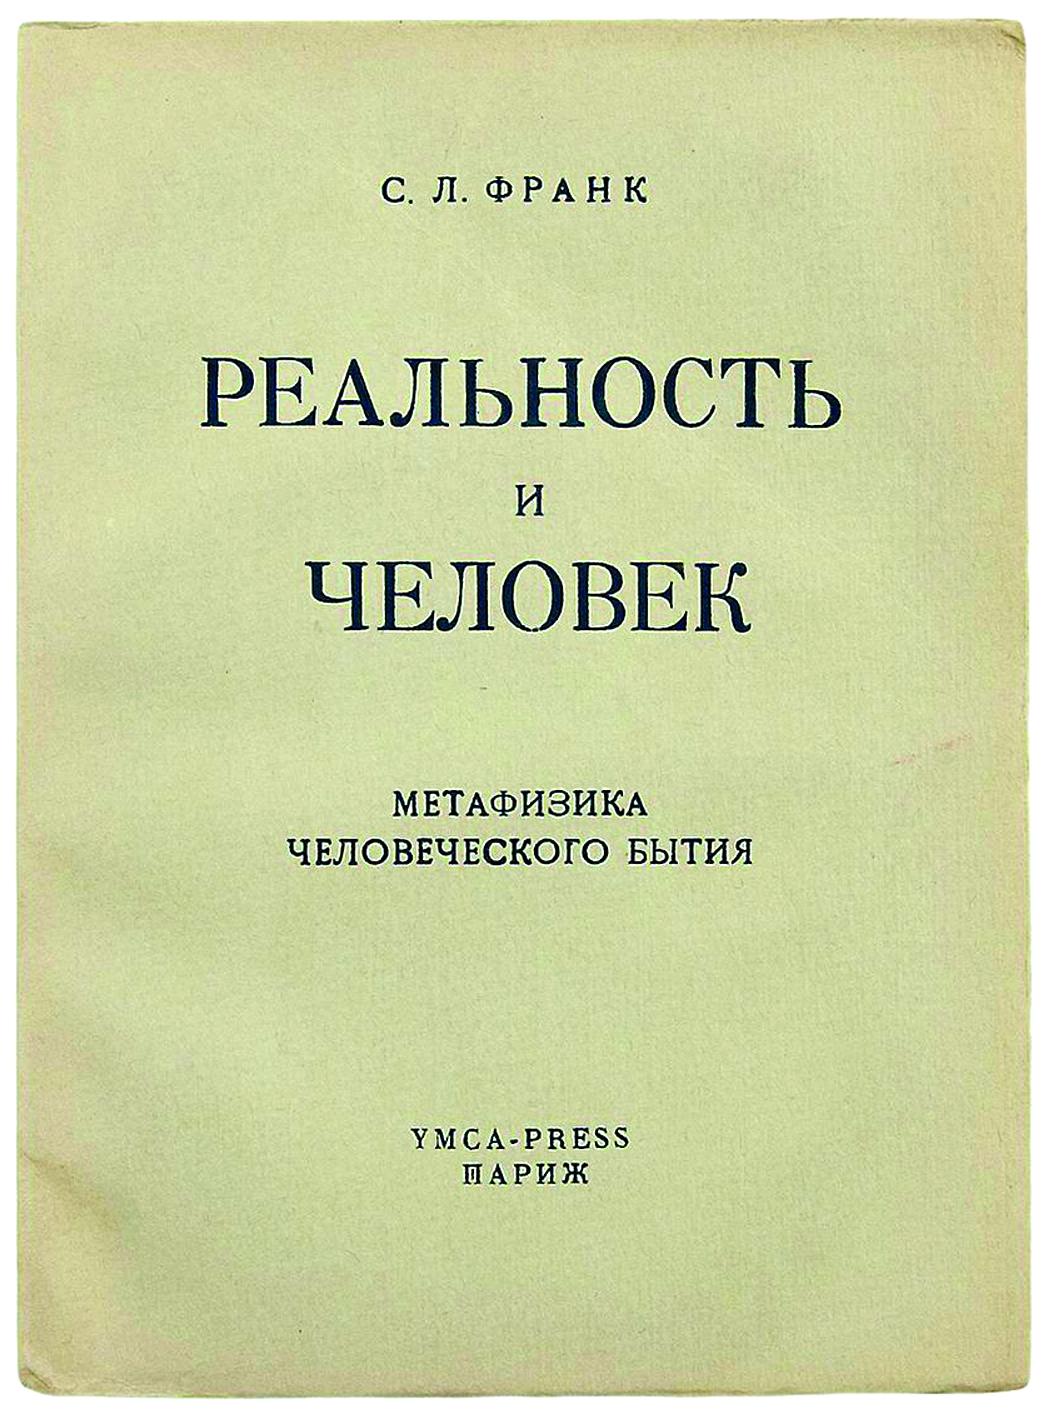 Последняя книга С.Л. Франка, изданная посмертно в 1956 году